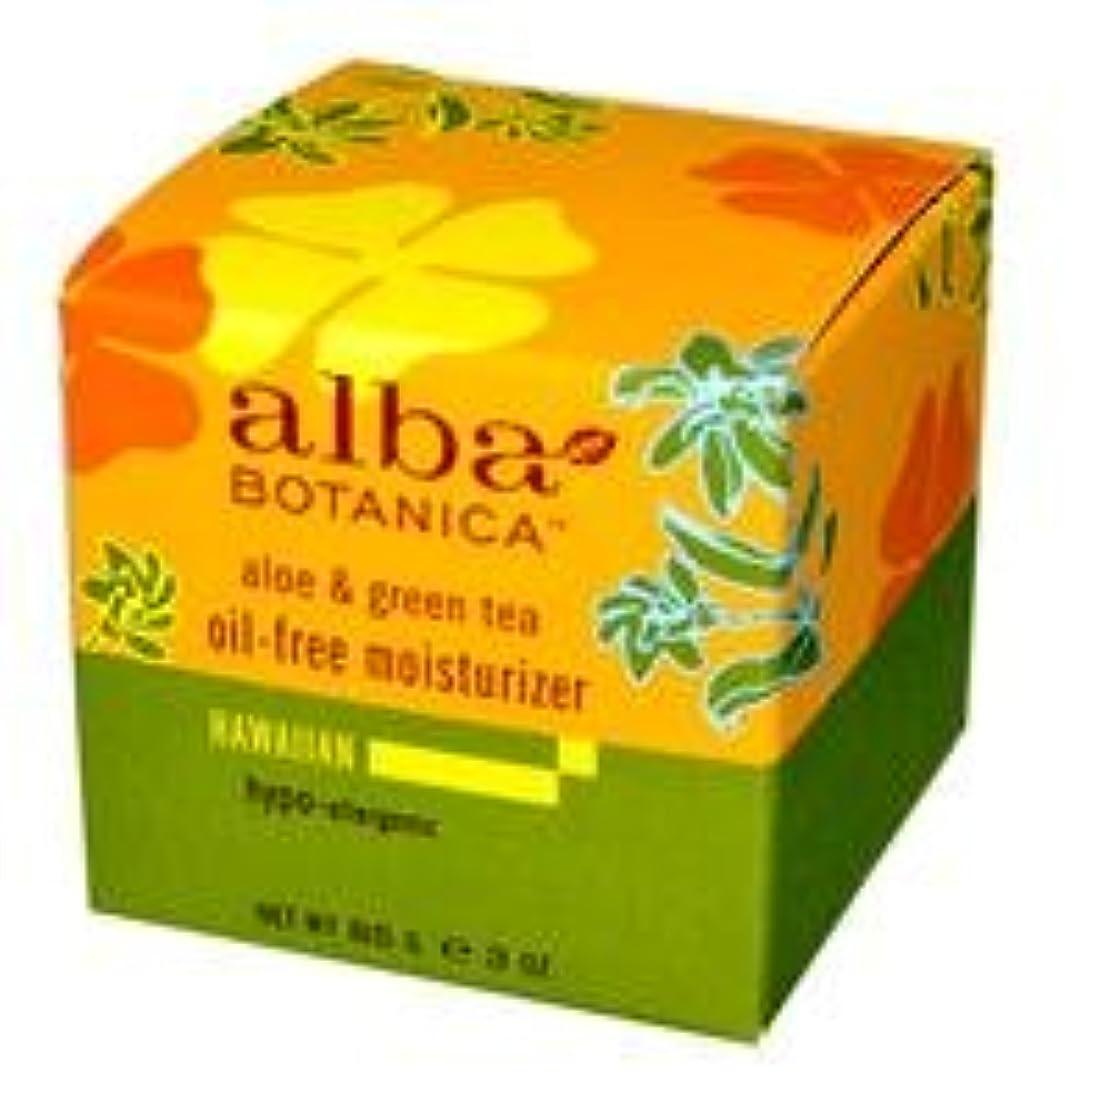 によって息を切らして想定する[海外直送品] アルバボタニカ アロエ&グリーンティー オイルフリー モイスチャライザー 85g